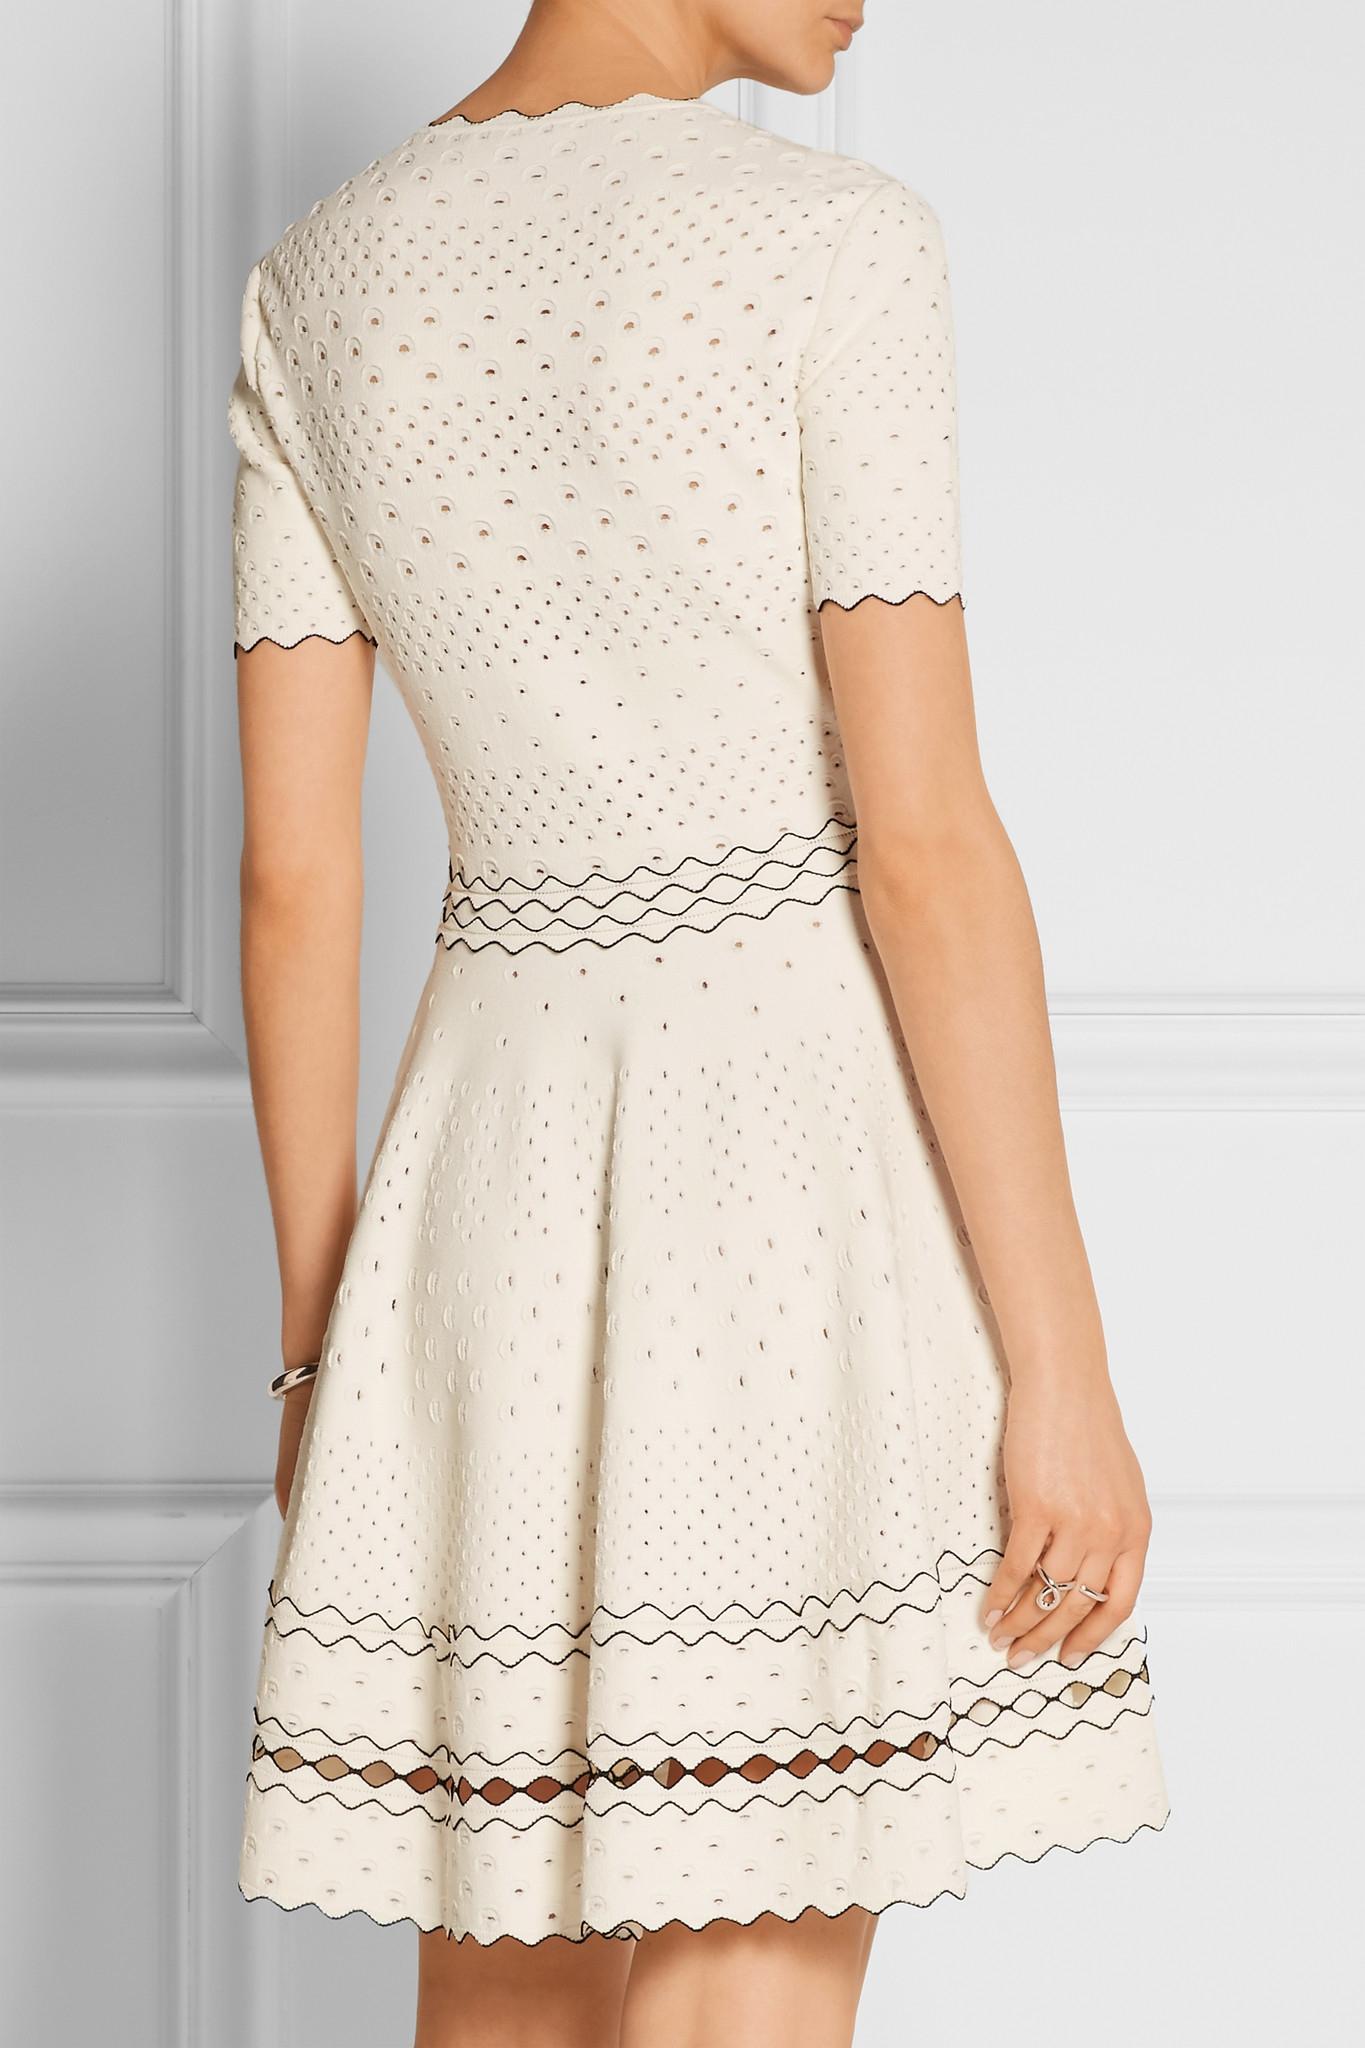 Alexander Mcqueen Stretch Pointelle Knit Dress In White Lyst